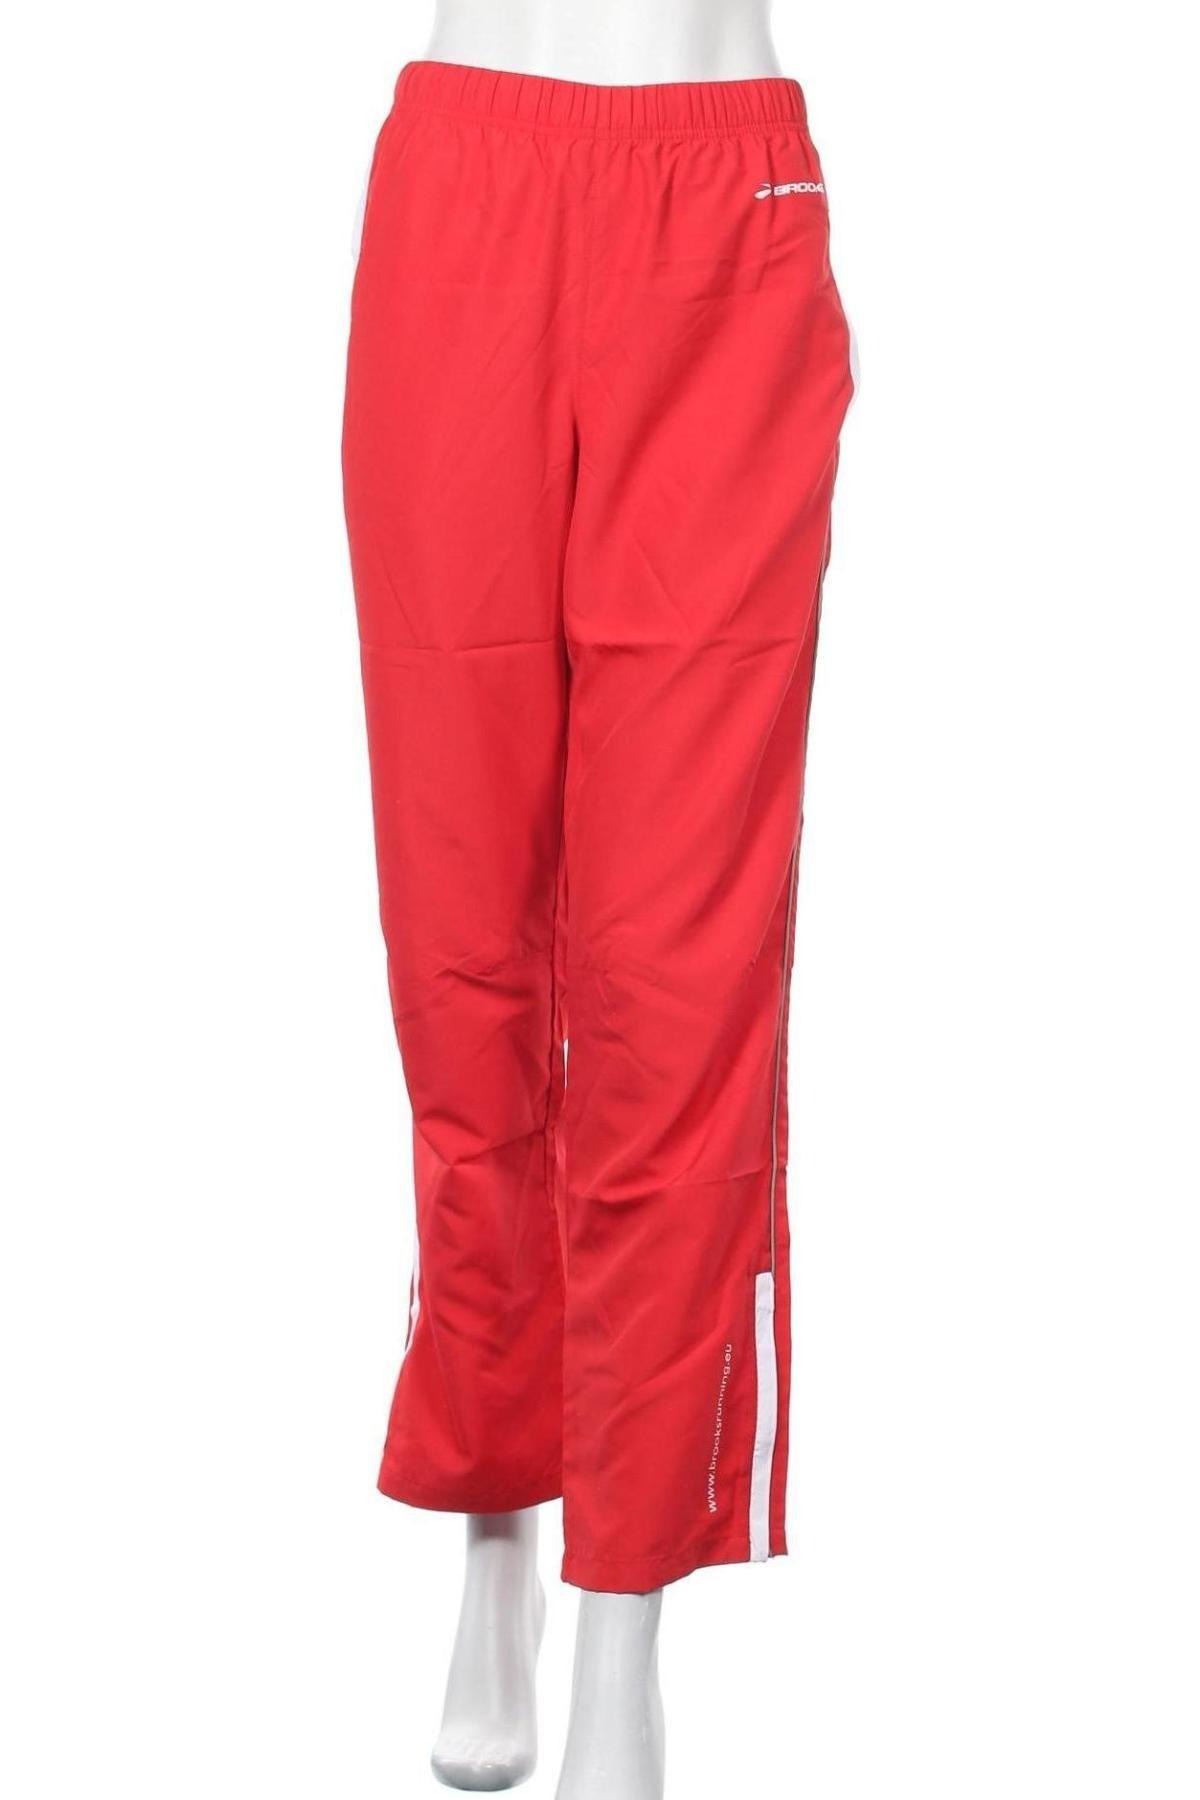 Γυναικείο αθλητικό παντελόνι Brooks, Μέγεθος XS, Χρώμα Κόκκινο, Πολυεστέρας, Τιμή 19,63€